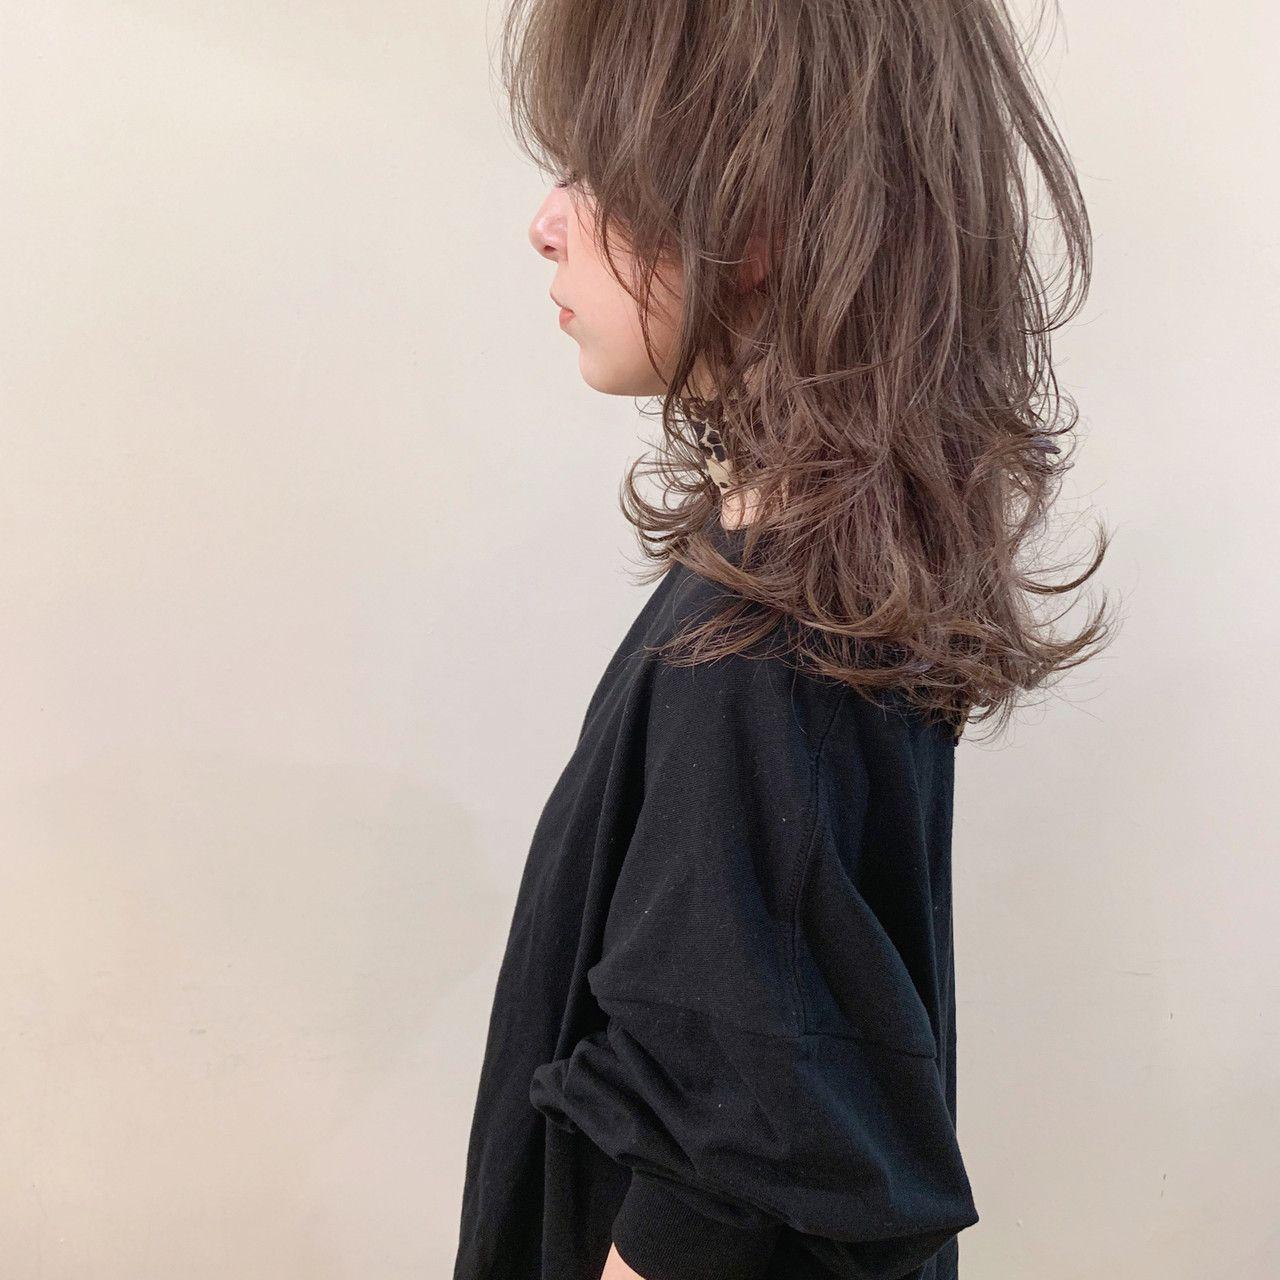 芸能人も夢中 流行りのマッシュウルフカットスタイル ショート ロングまで Hair 2021 レイヤーカットヘア ロングパーマ ヘアスタイル